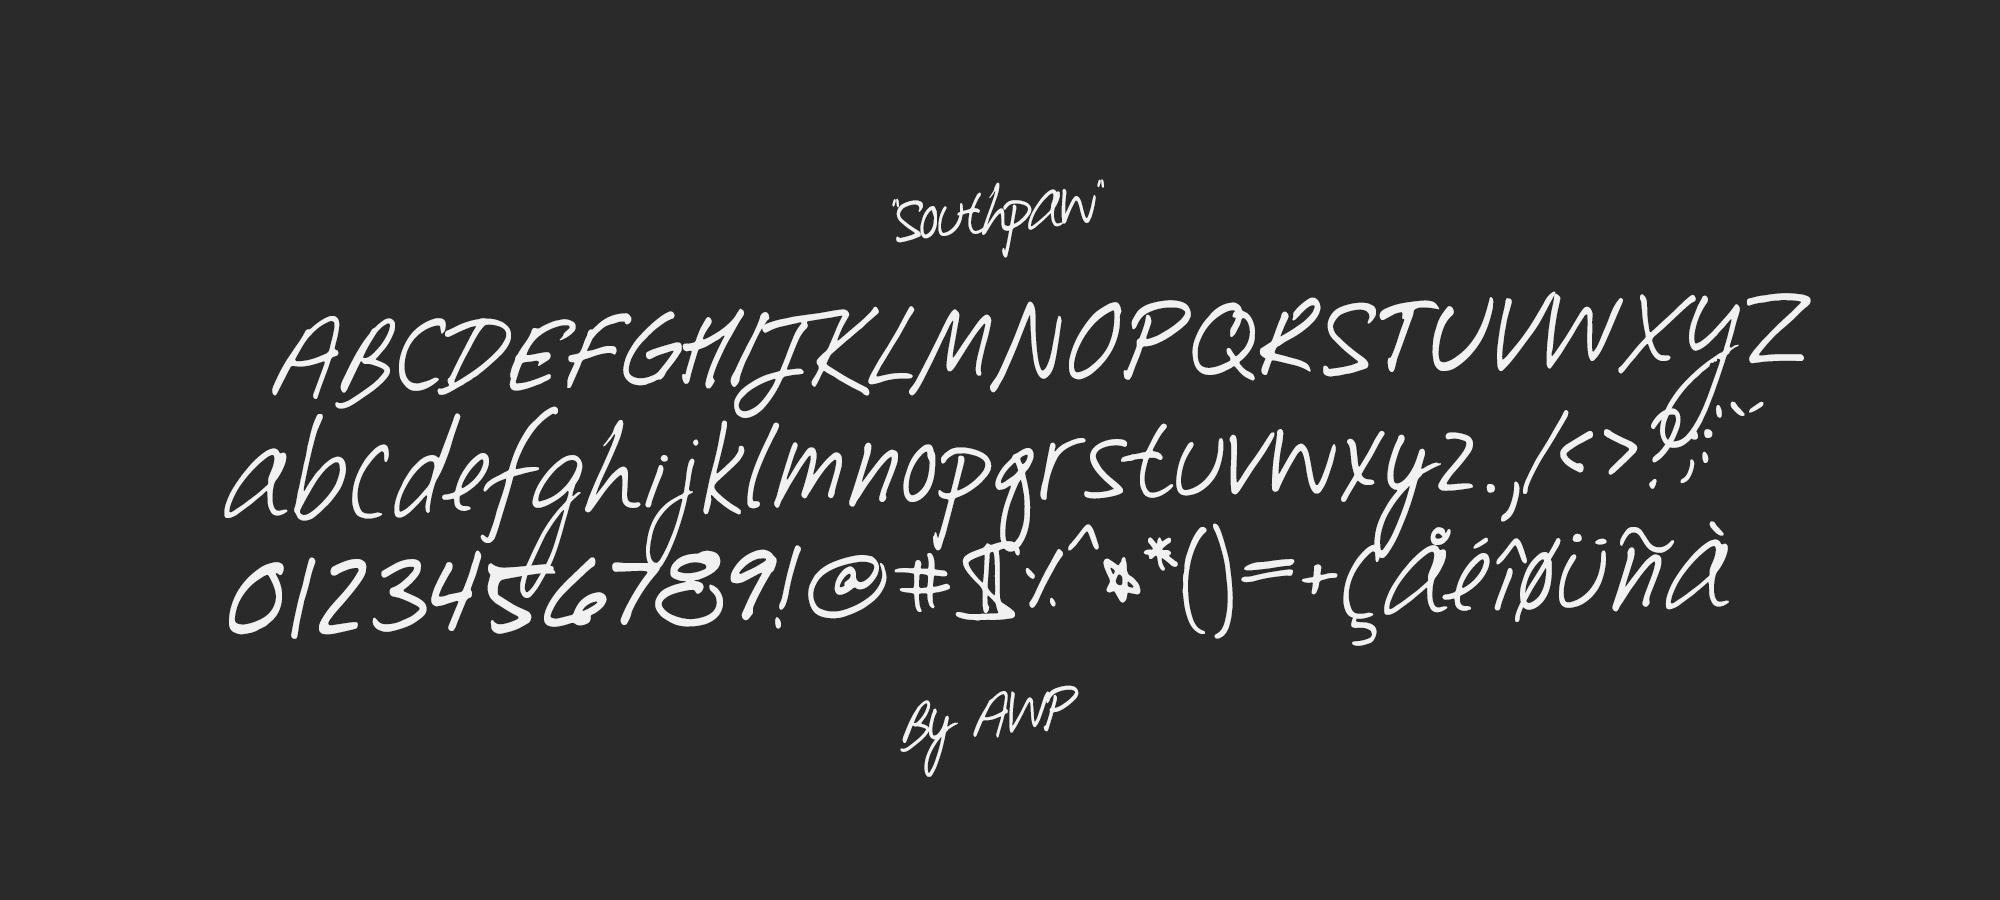 southpaw-glyphs